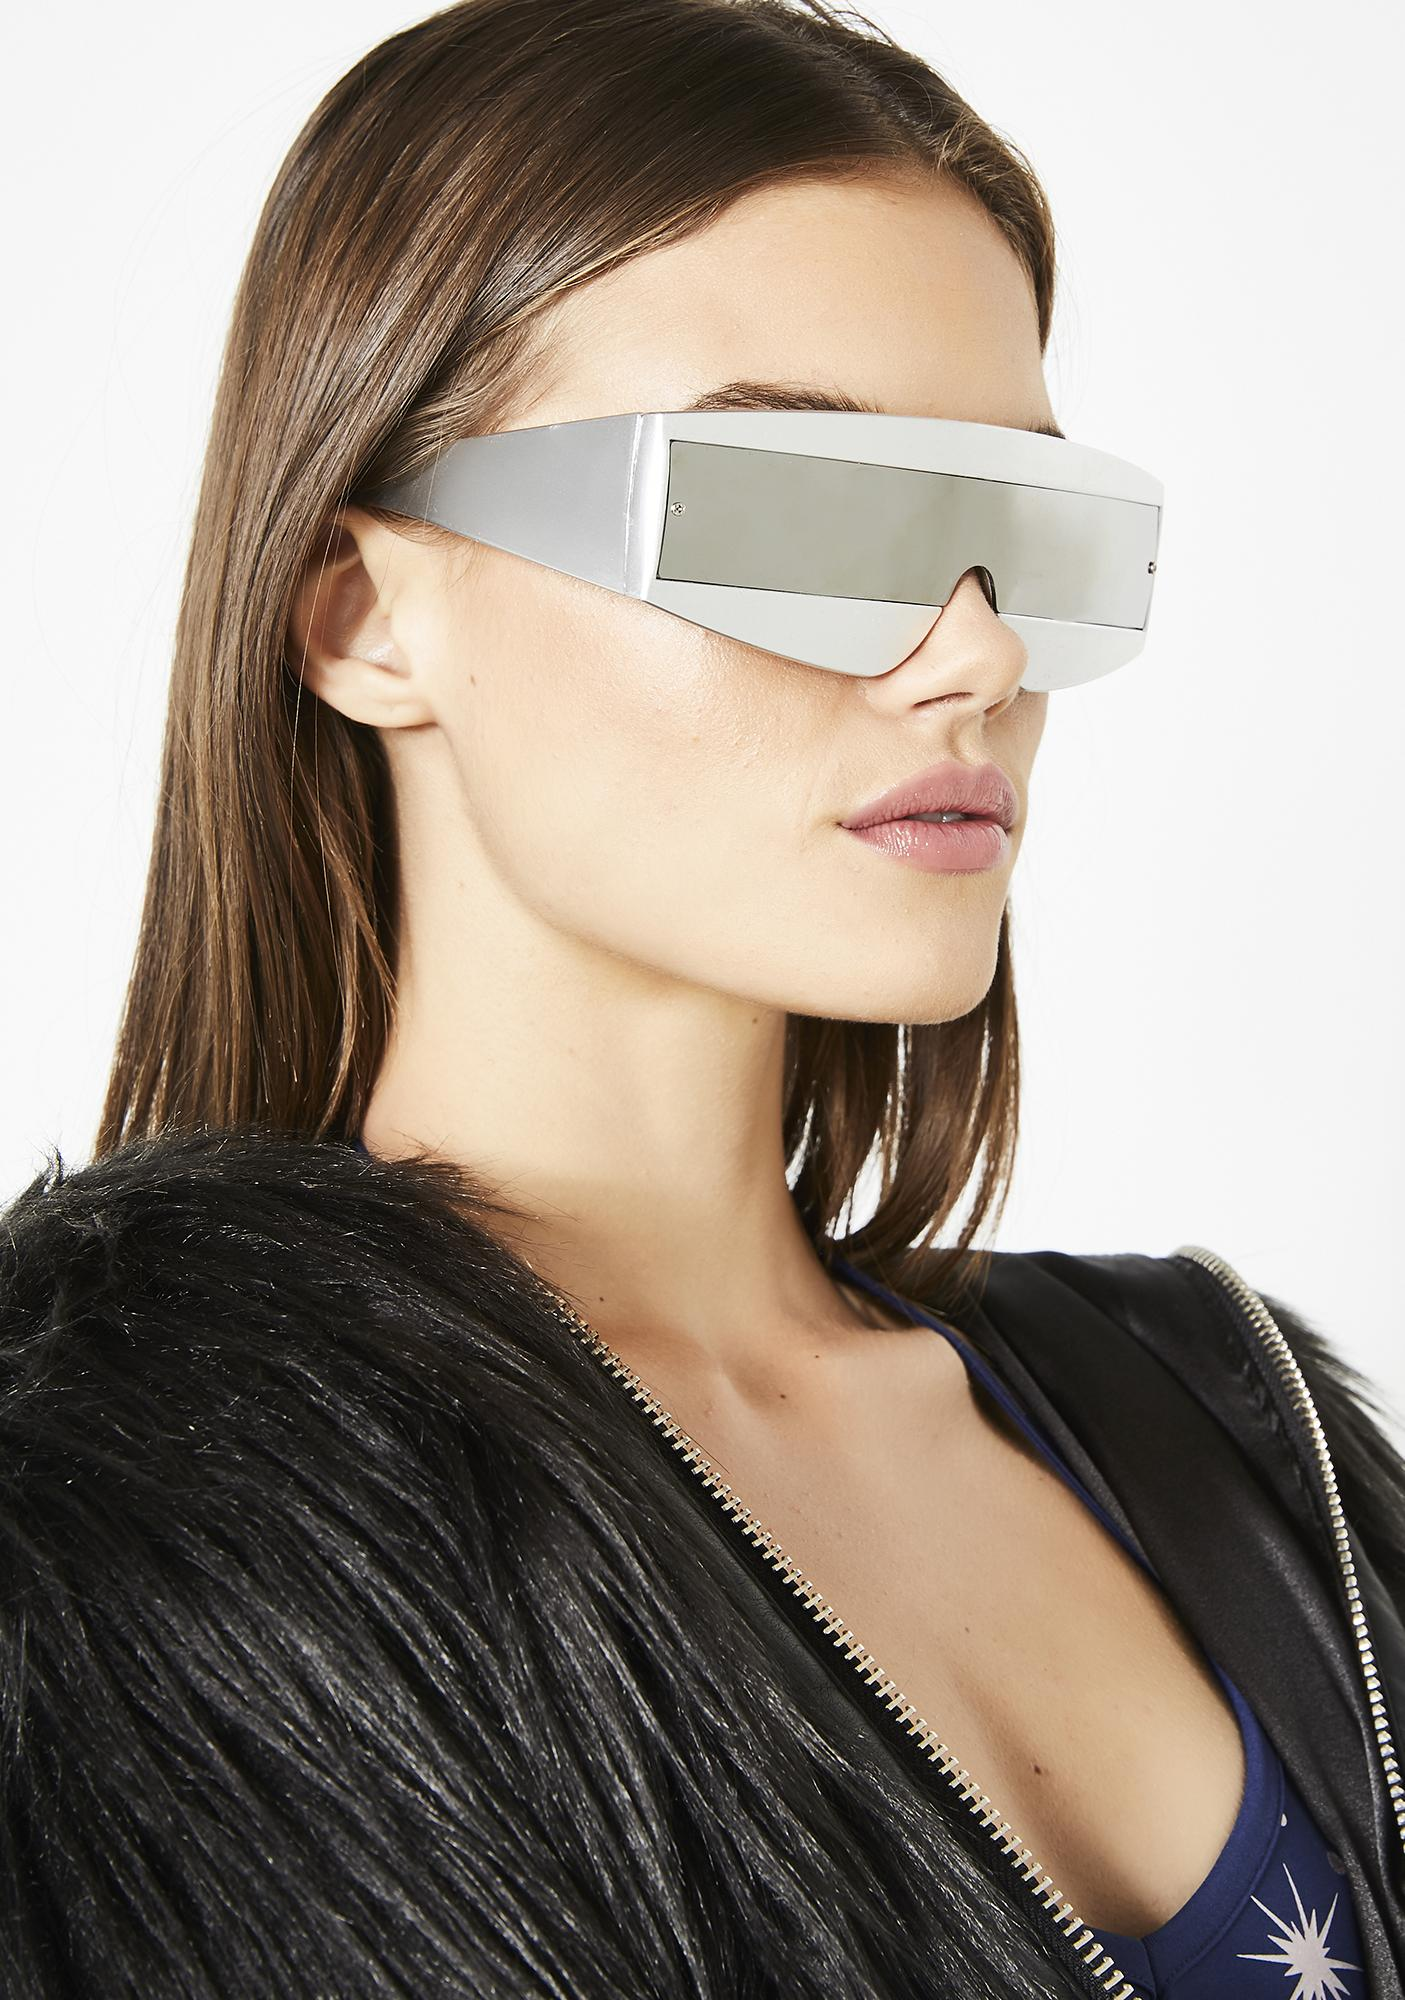 c2ff34a1eb8 ... Robo Babe Shield Sunglasses